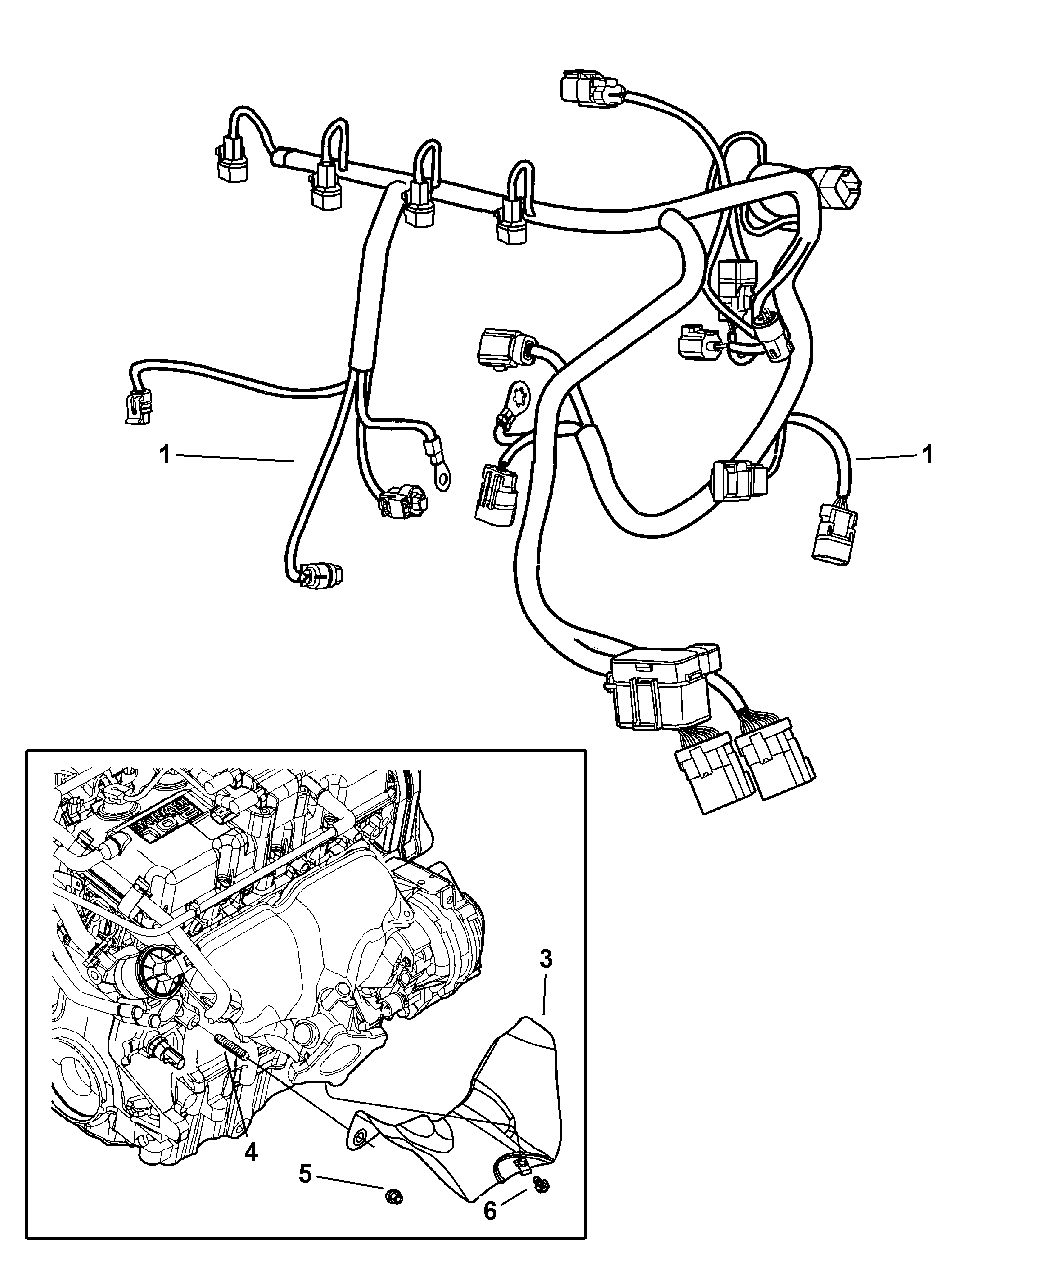 1998 Dodge Neon Engine Wiring Diagram